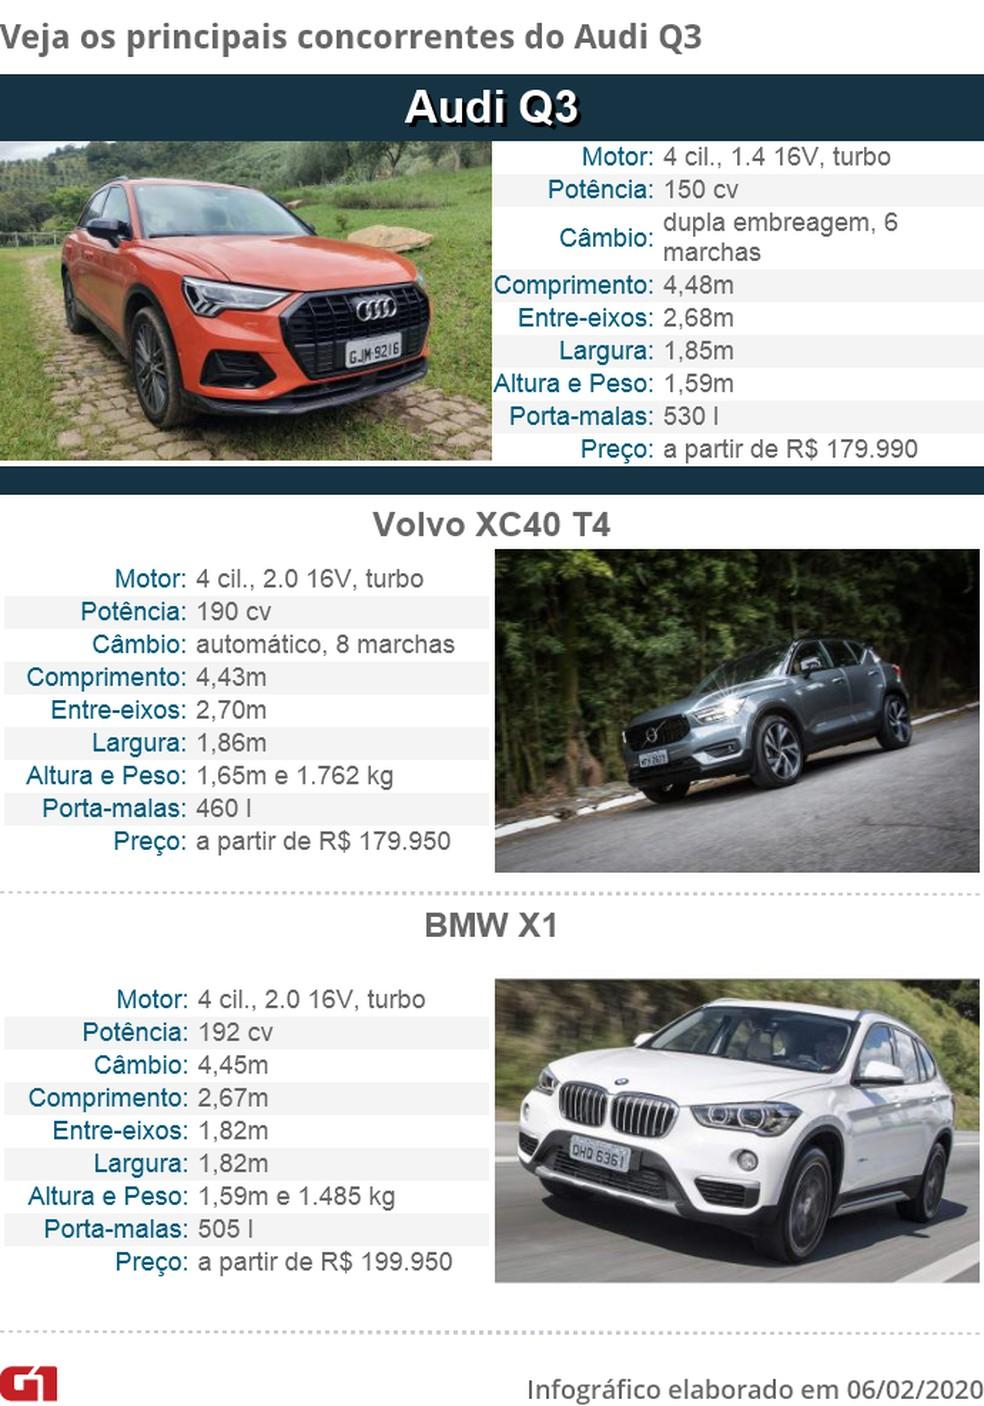 Tabela de concorrentes do Audi Q3 — Foto: André Paixão, Fábio Tito/G1 e Divulgação